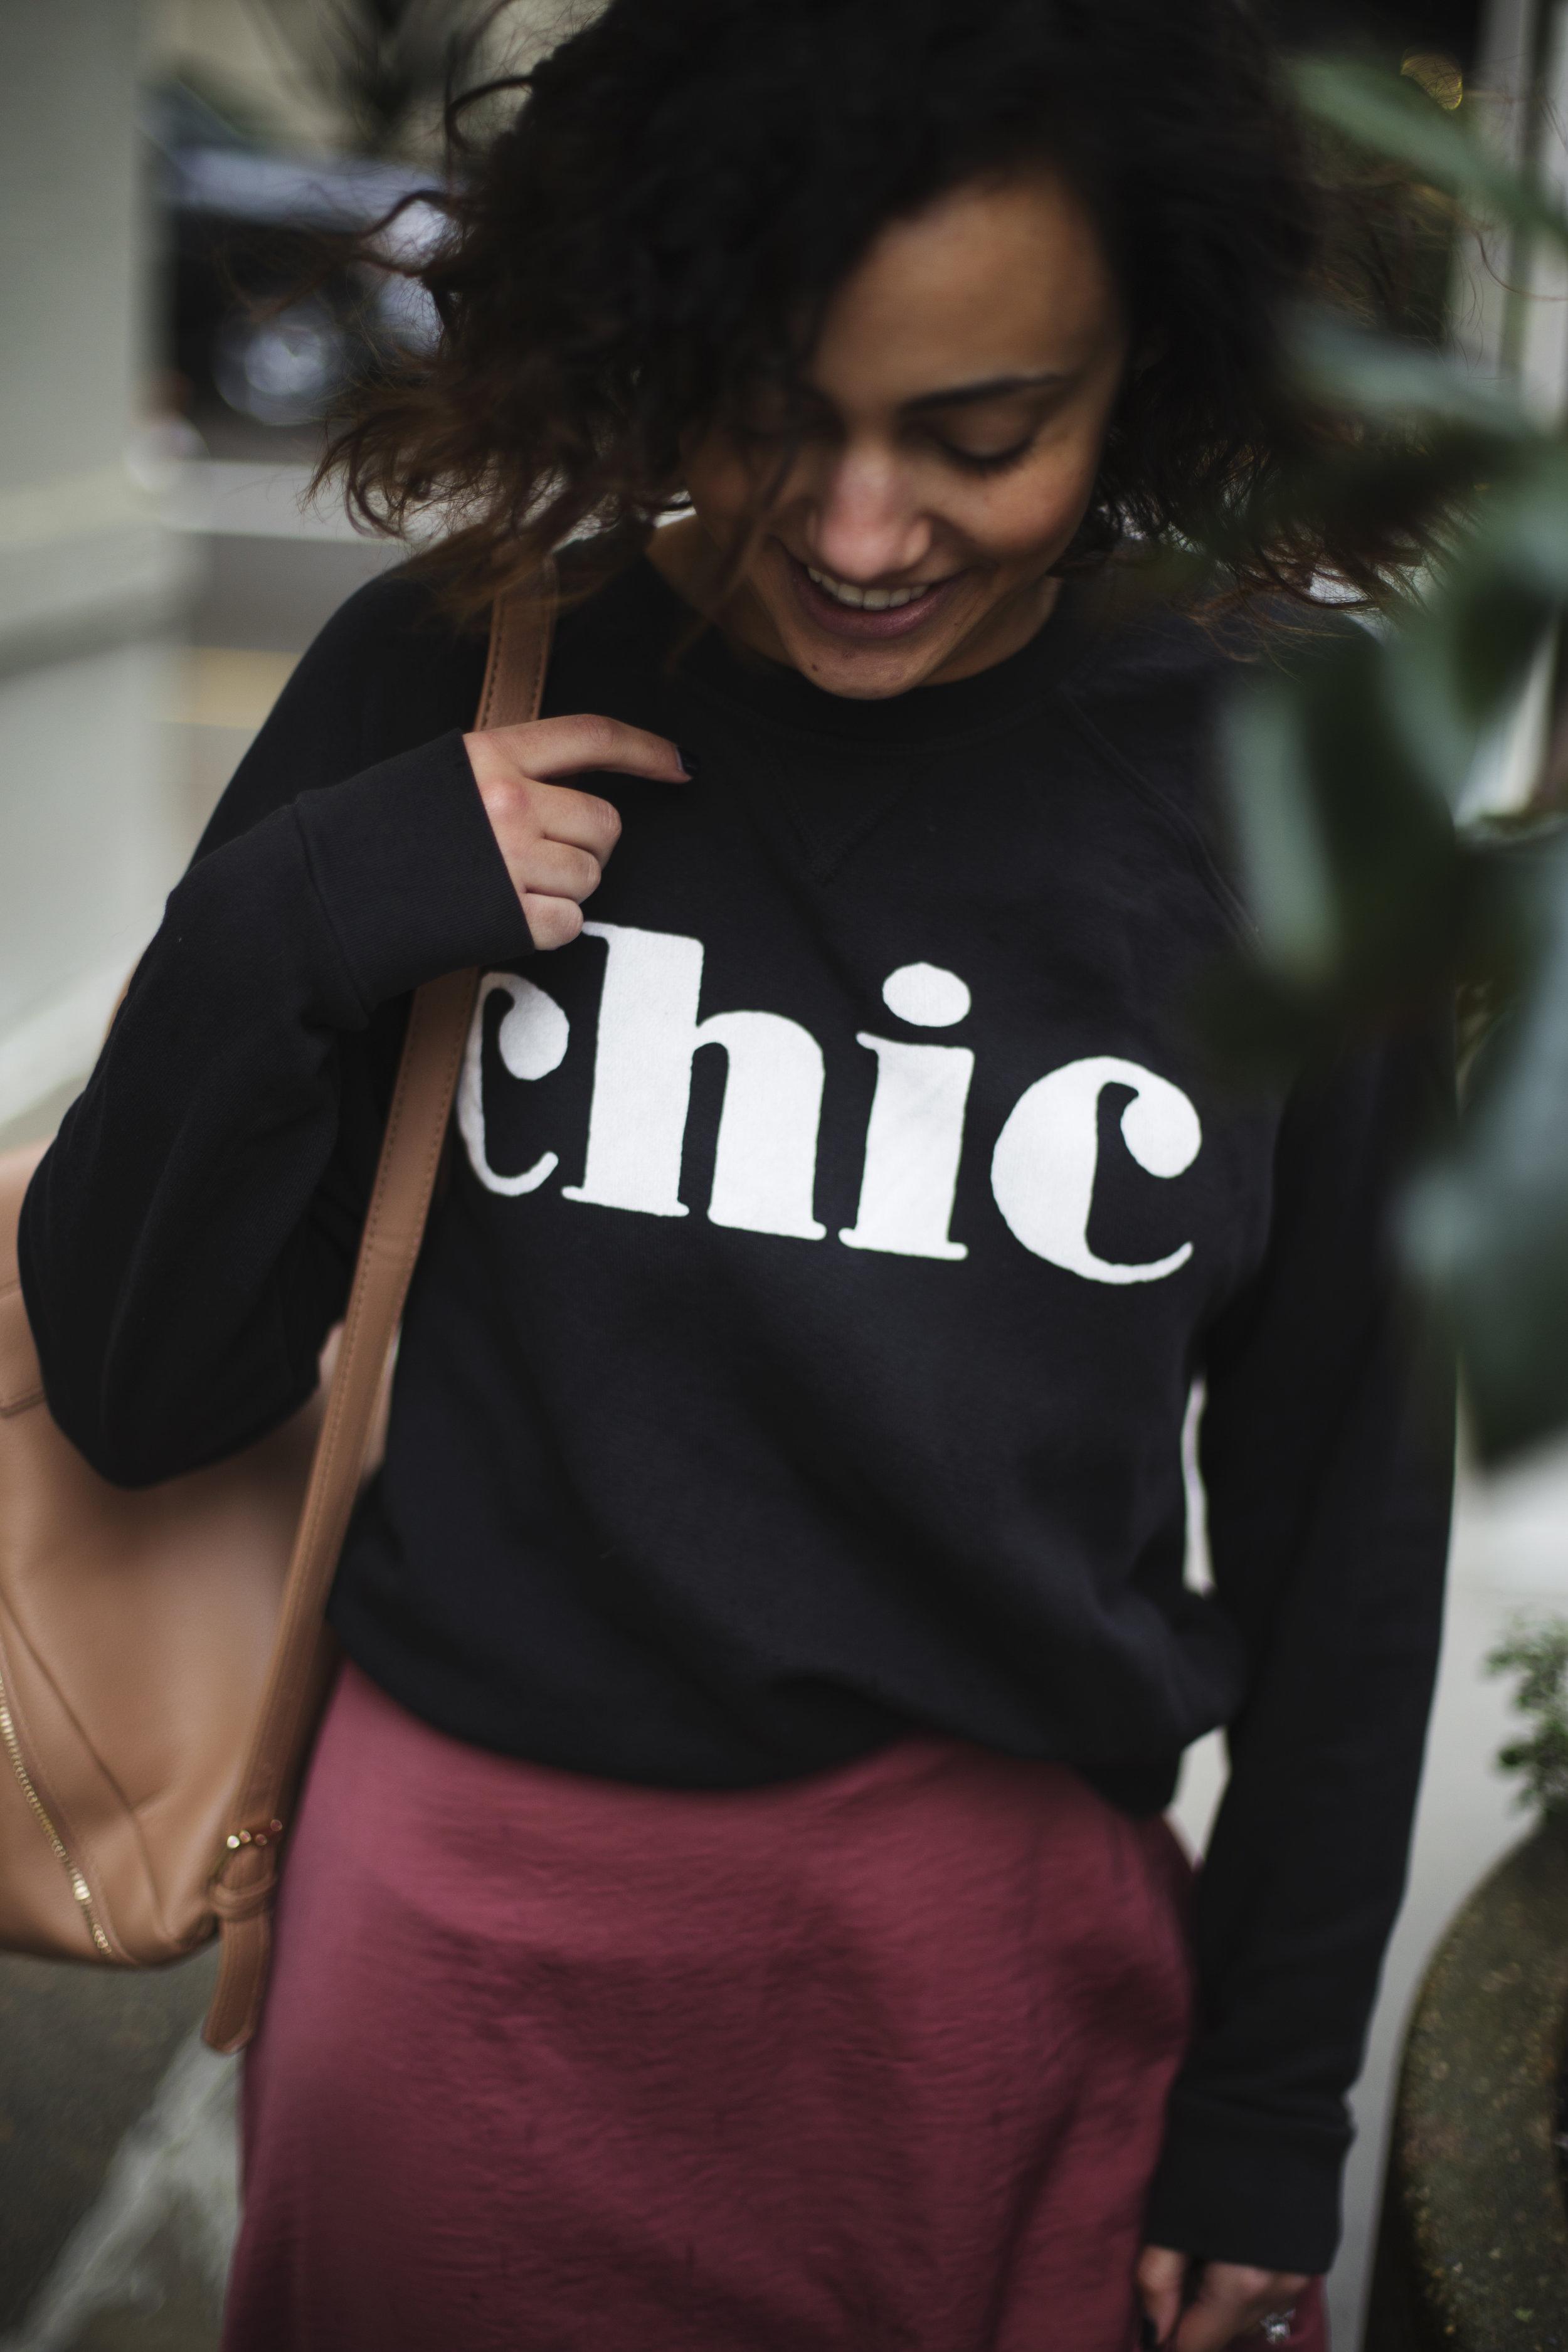 chic skirt edit 3.jpg